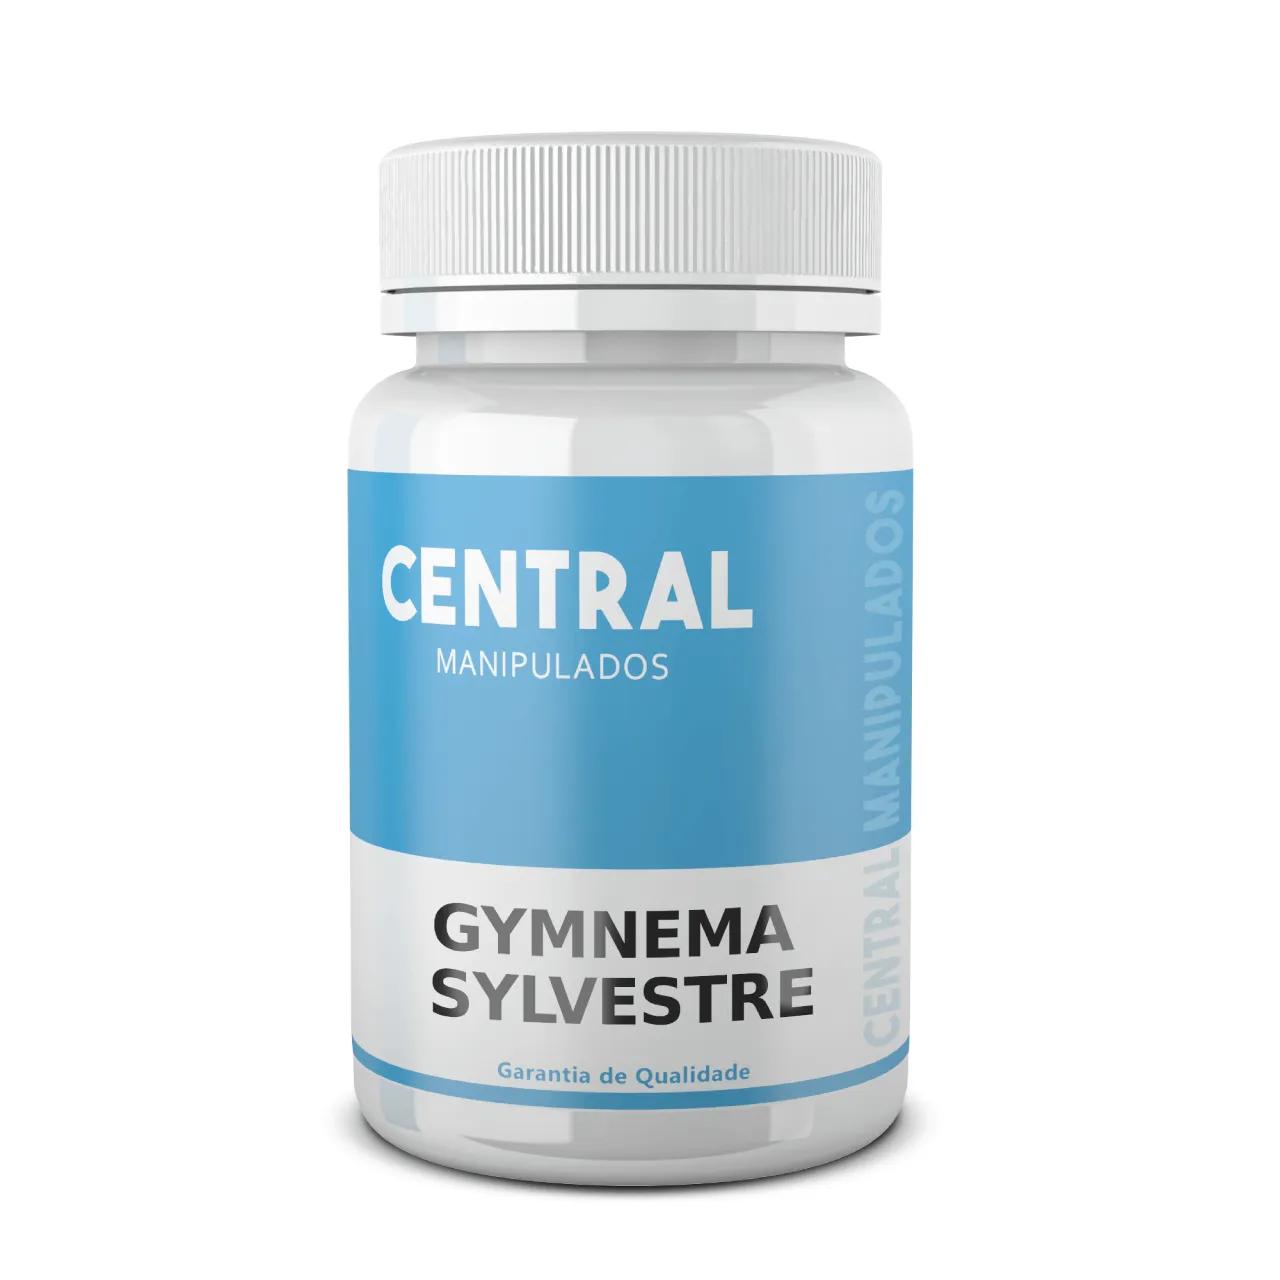 Gymnema Sylvestre 500mg - 60 Cápsulas - Reduz Vontade por Doces, Auxilia no Emagrecimento, Diurético